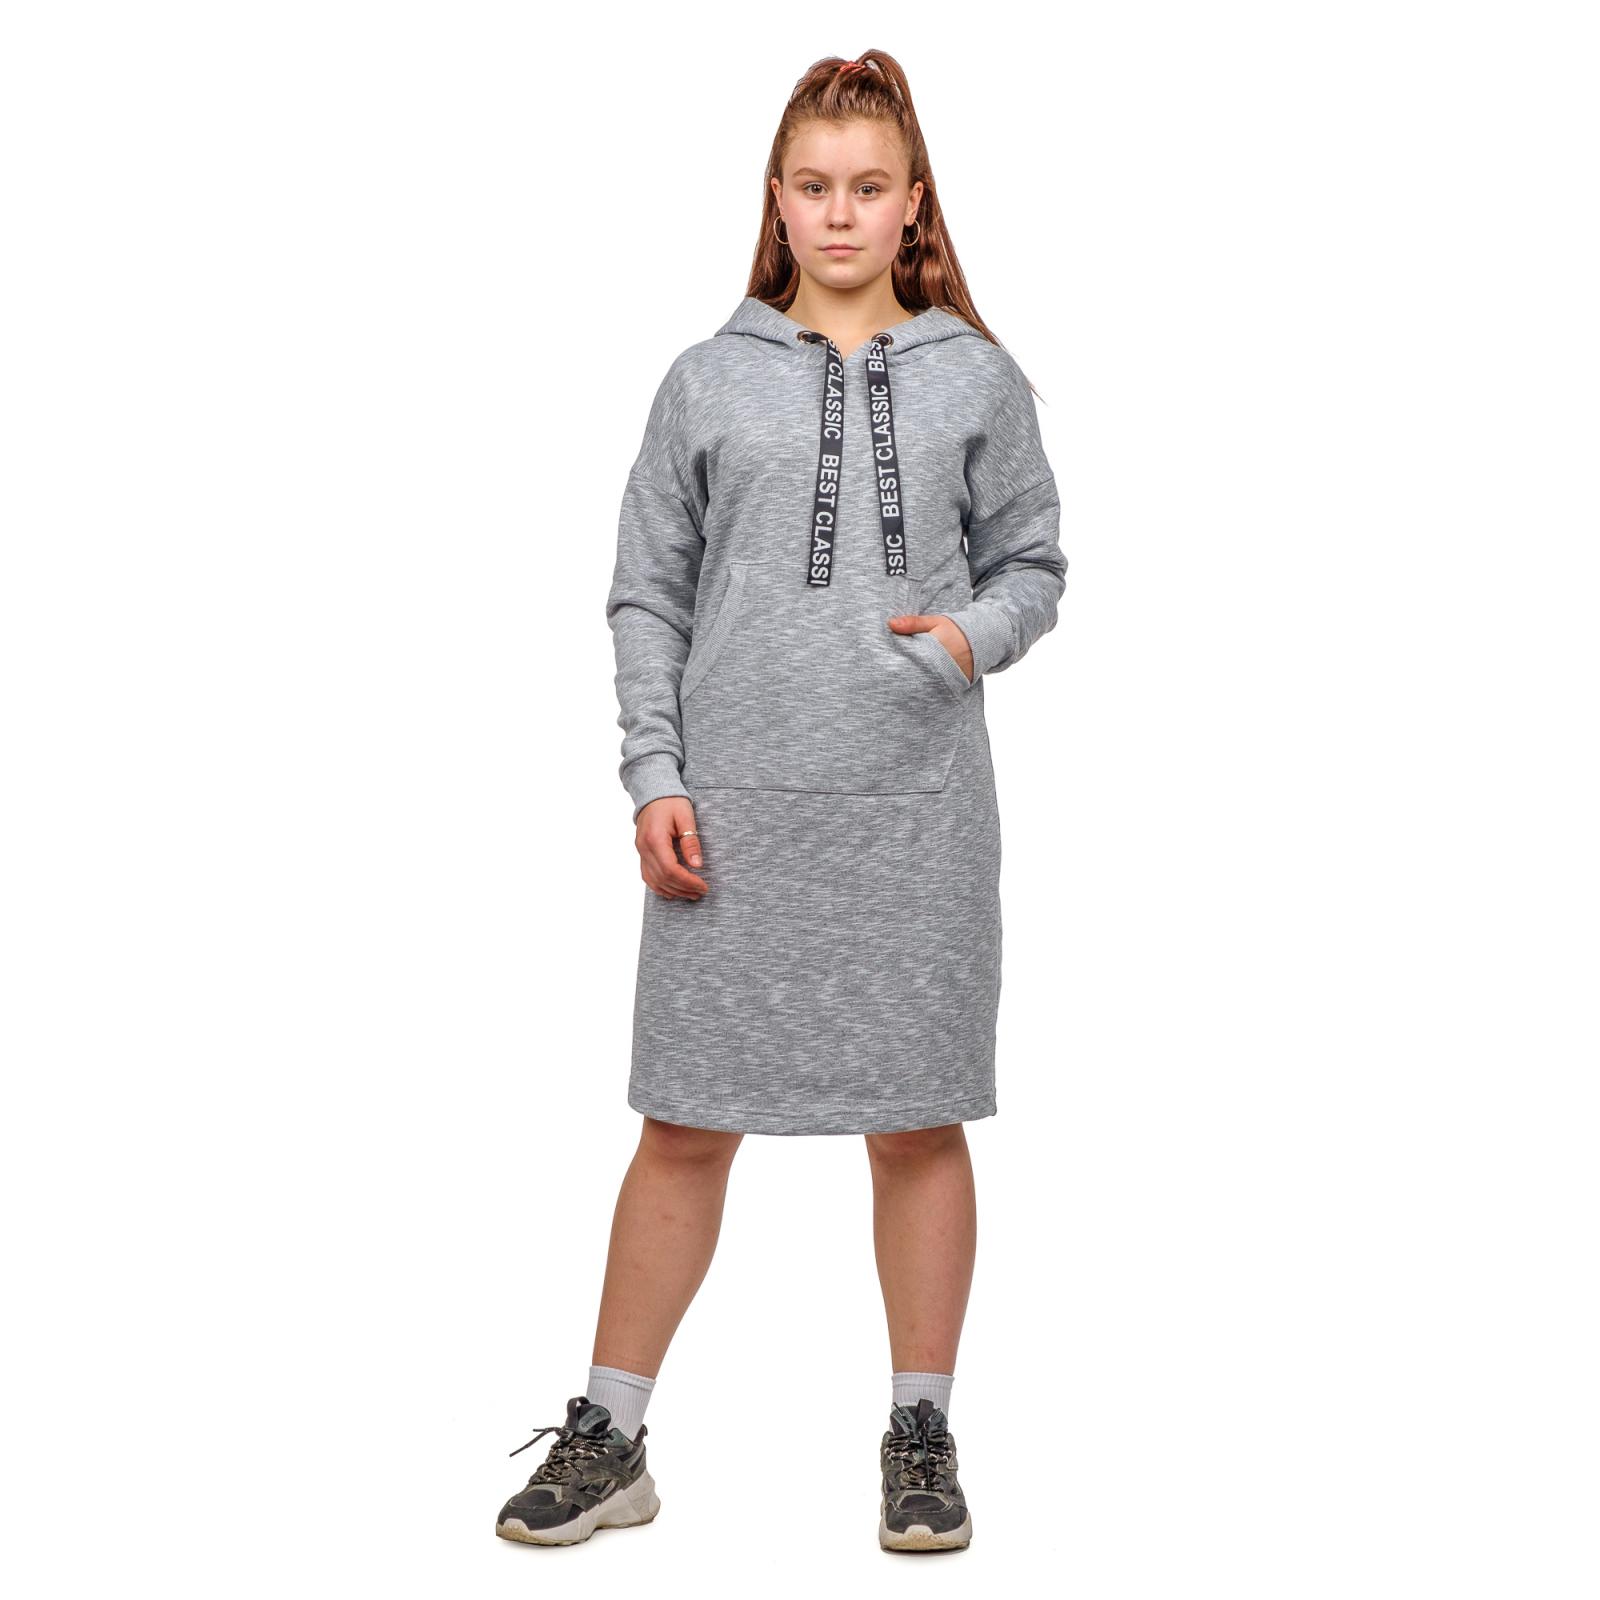 Платье серое (футер) с капюшоном М-0159СС